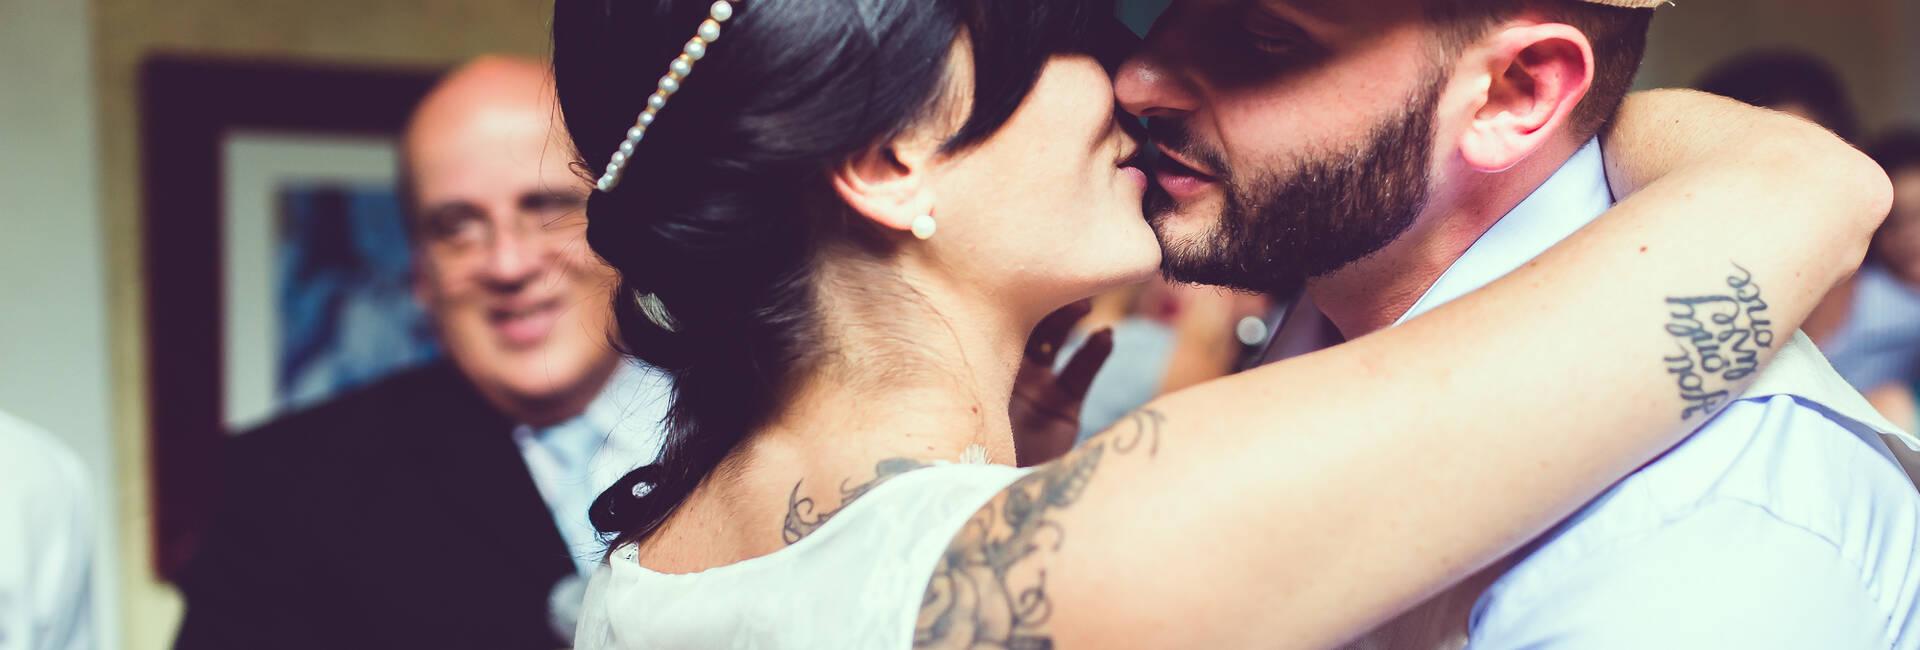 Casamento de Carol e Fabiano